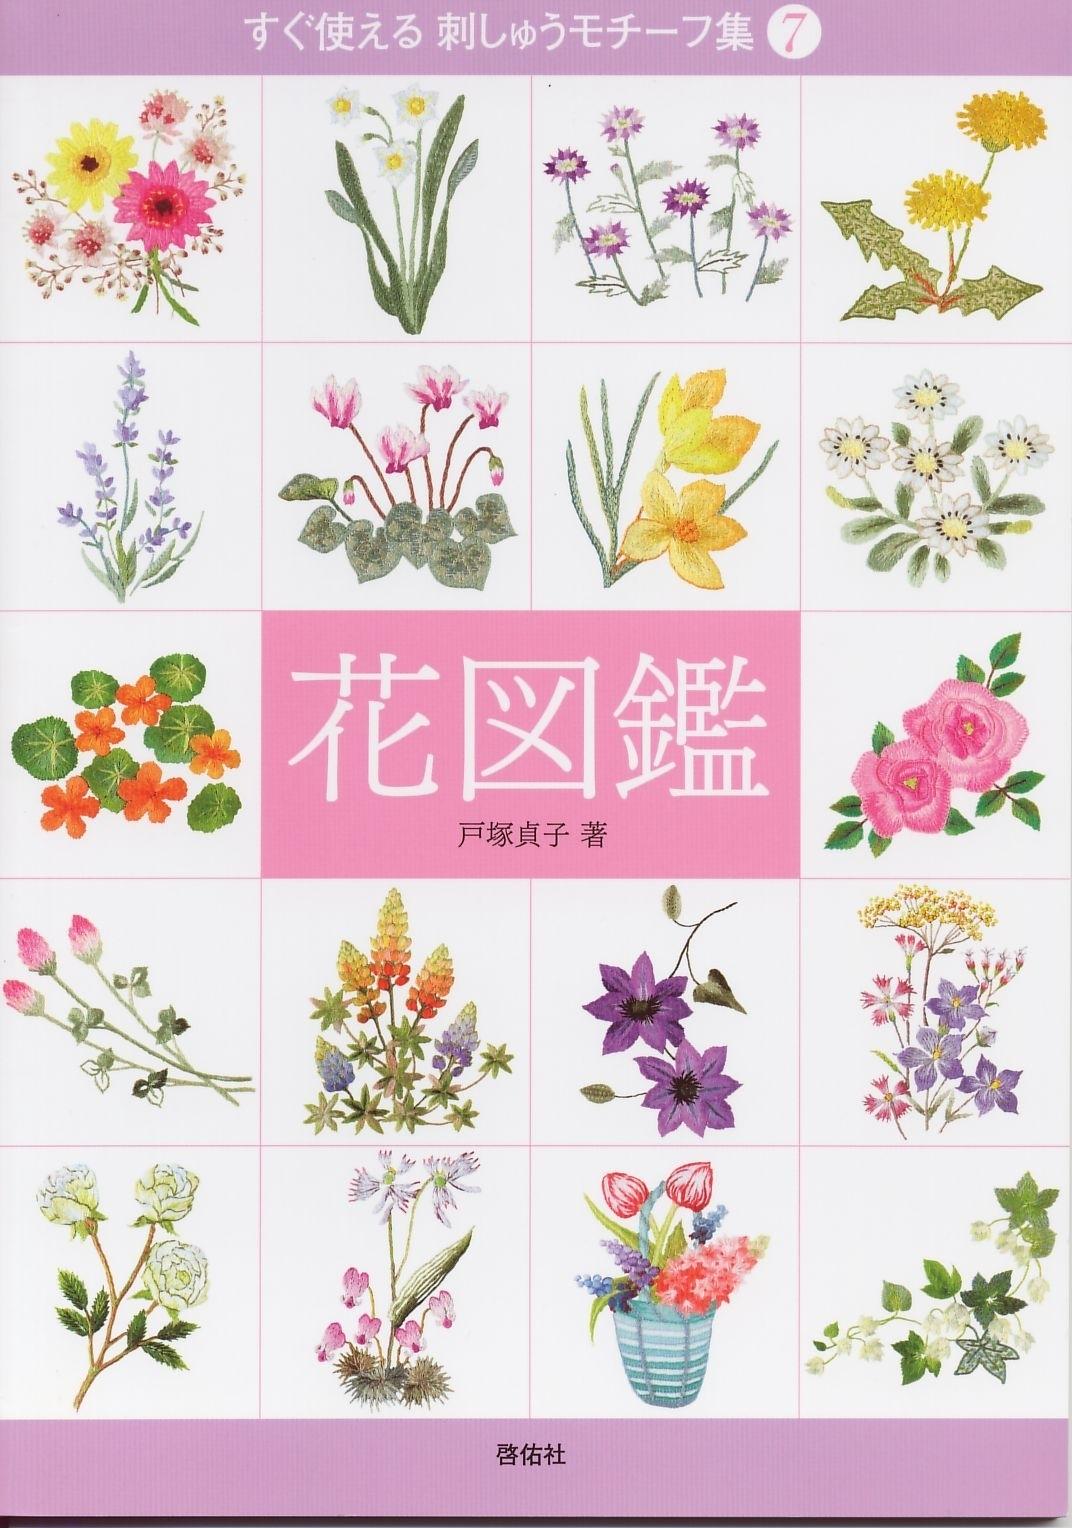 японская книга по вышивке, вышивка схемы